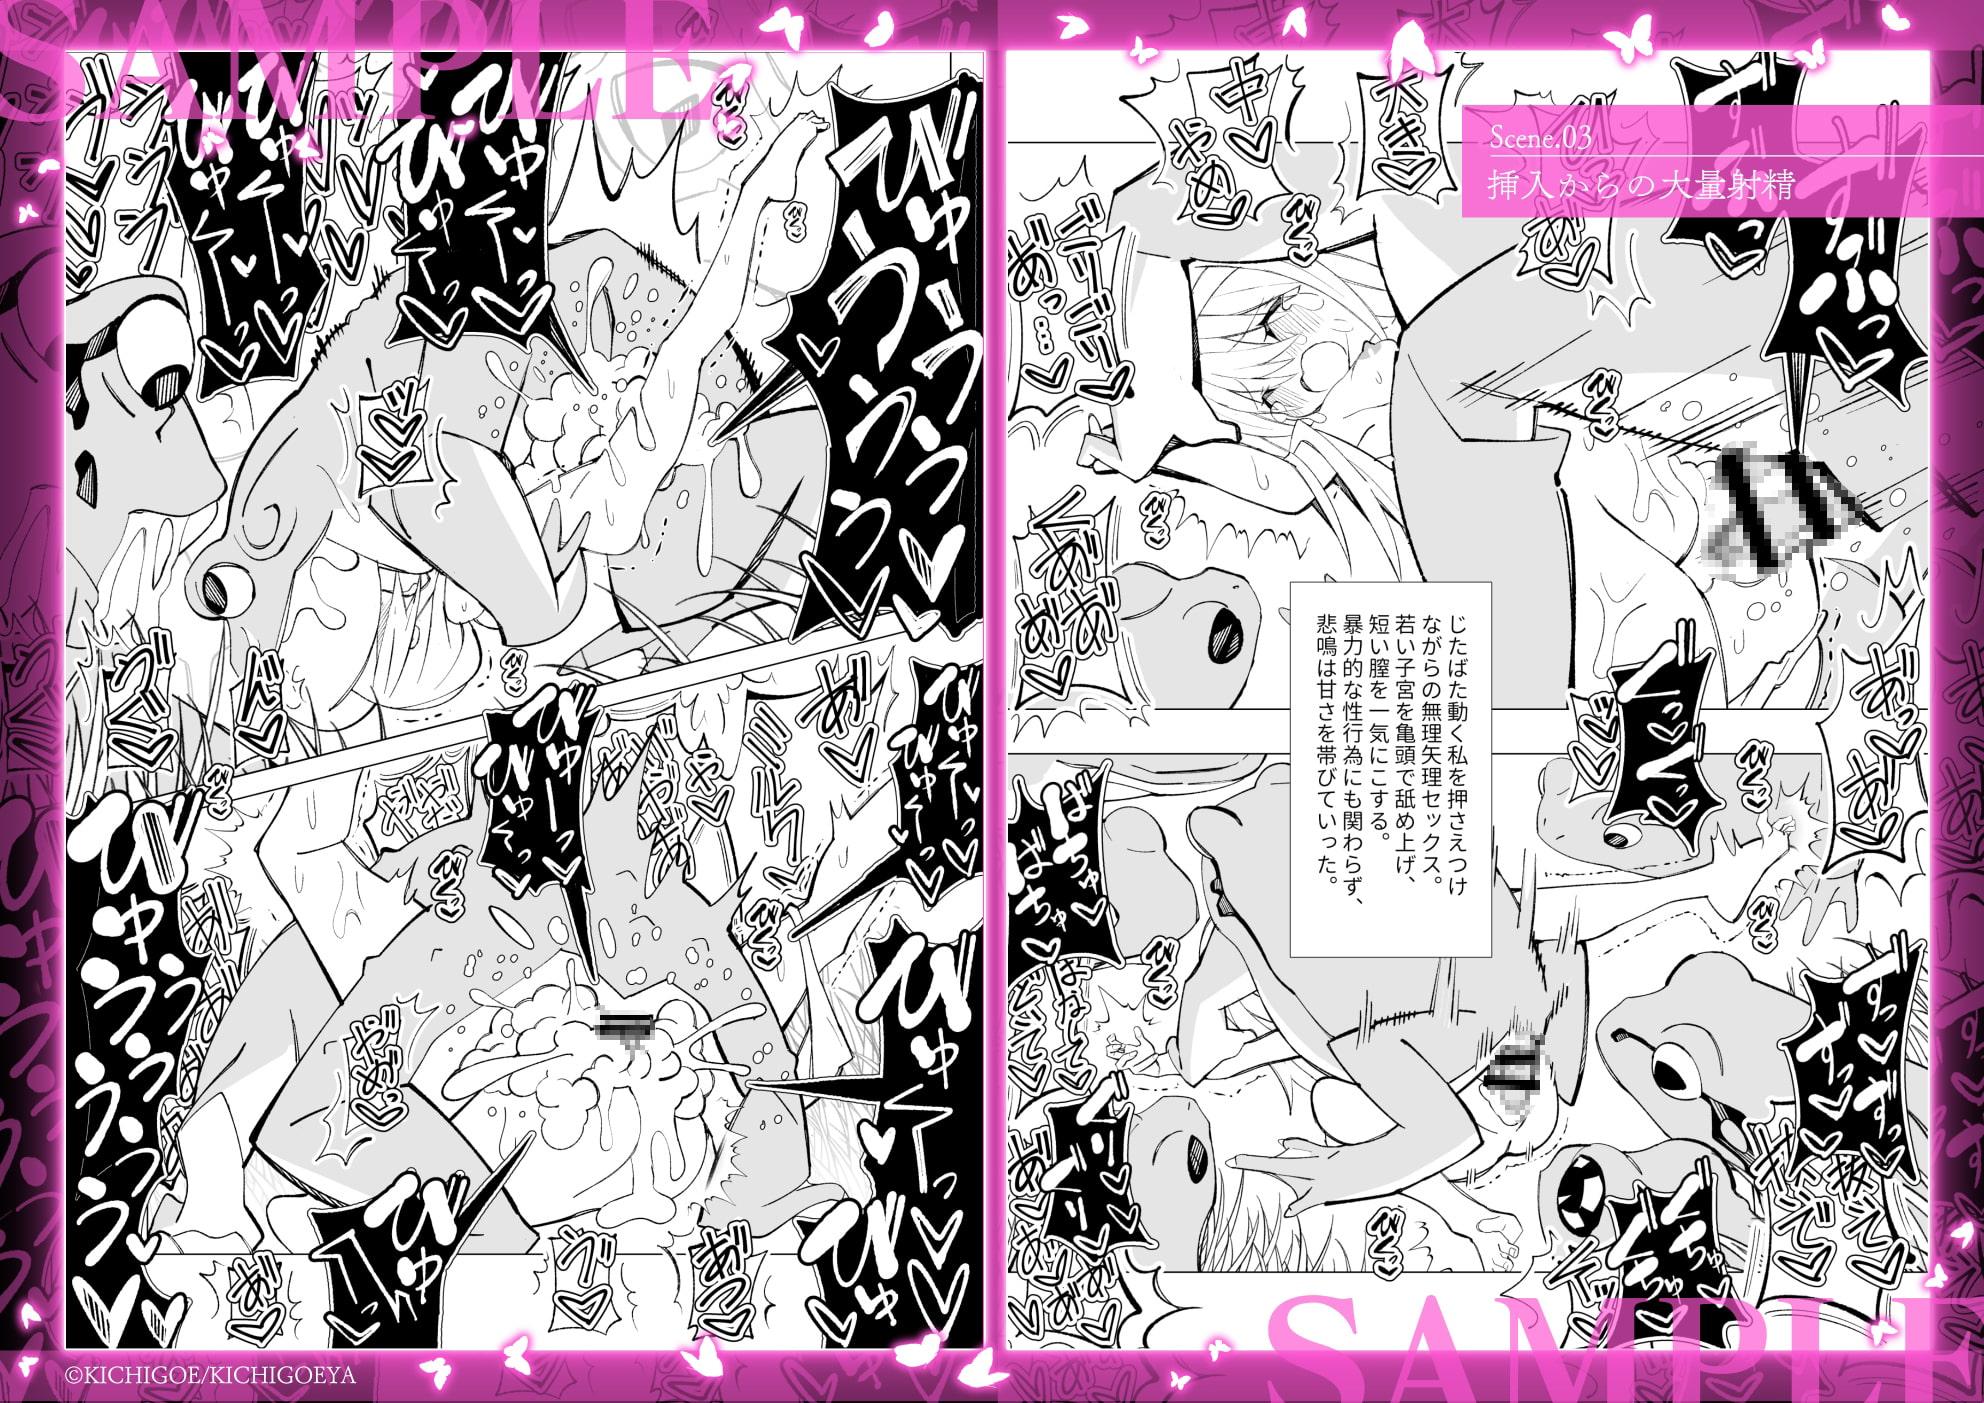 RJ297829 [20200830]異種姦風俗街(2) カエル×ロリ